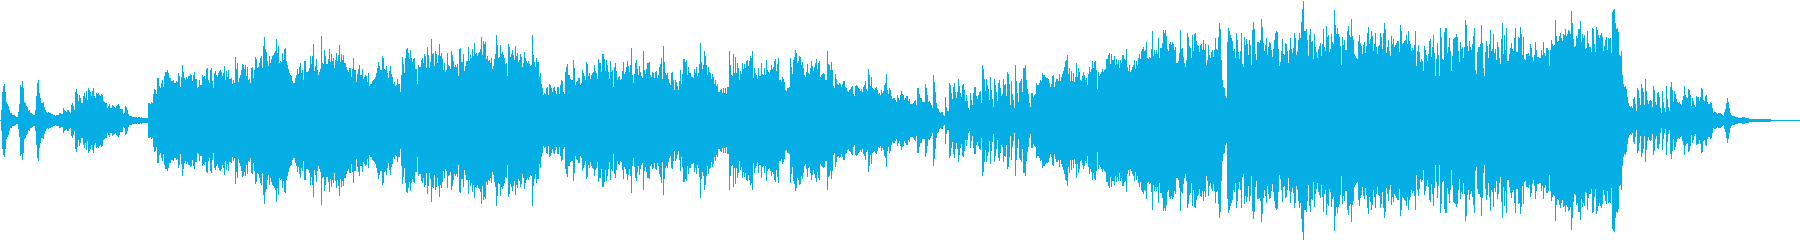 物悲しい雰囲気のピアノトリオの再生済みの波形